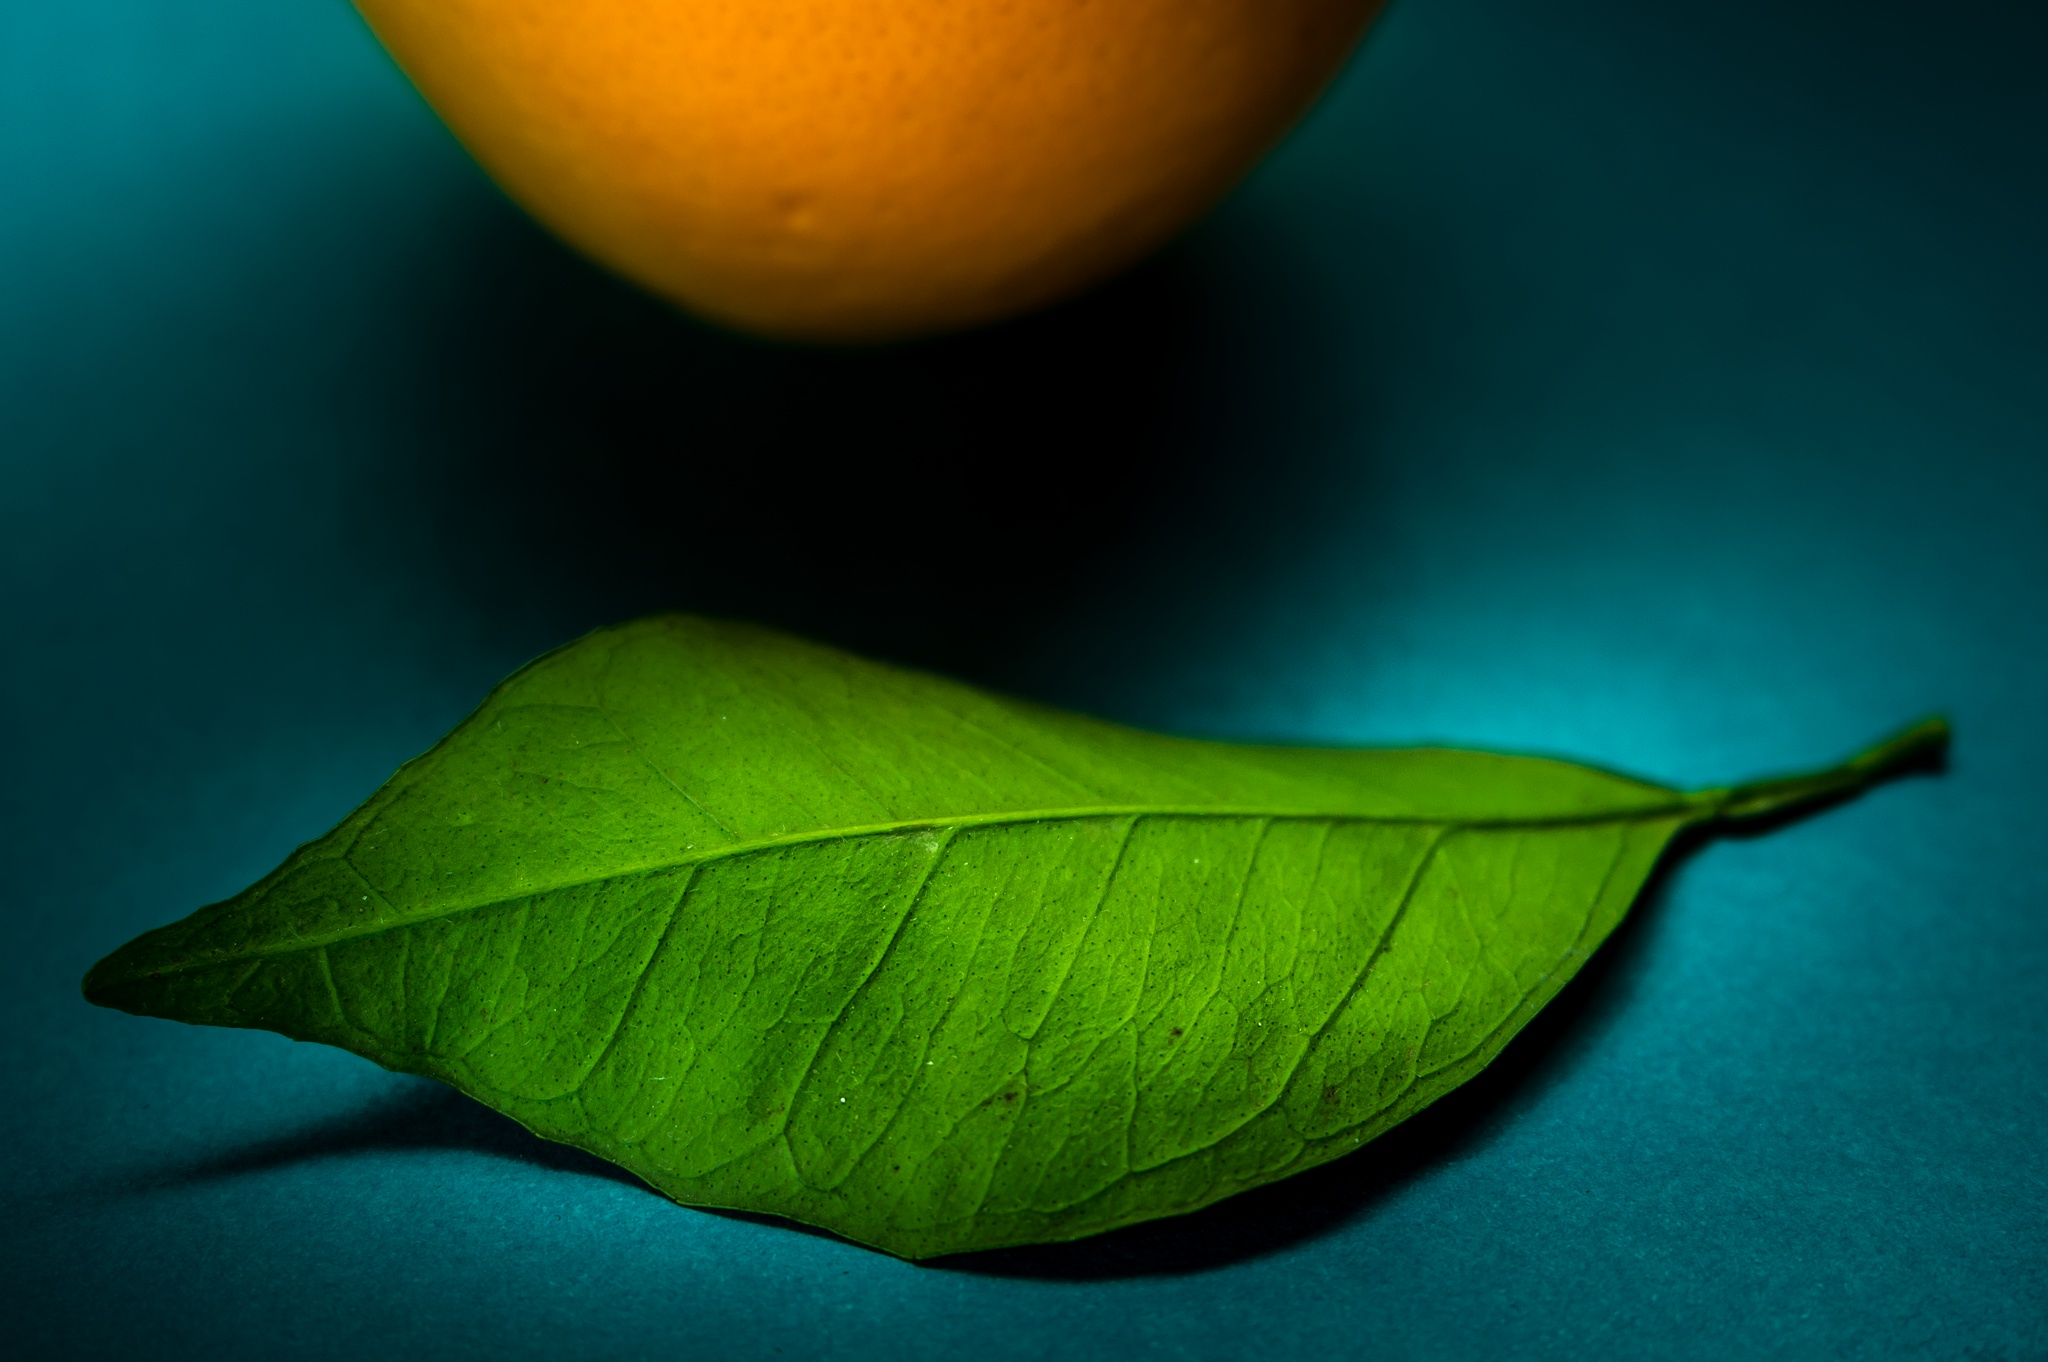 Leaf & Orange 1 by Ashraf Sabbah